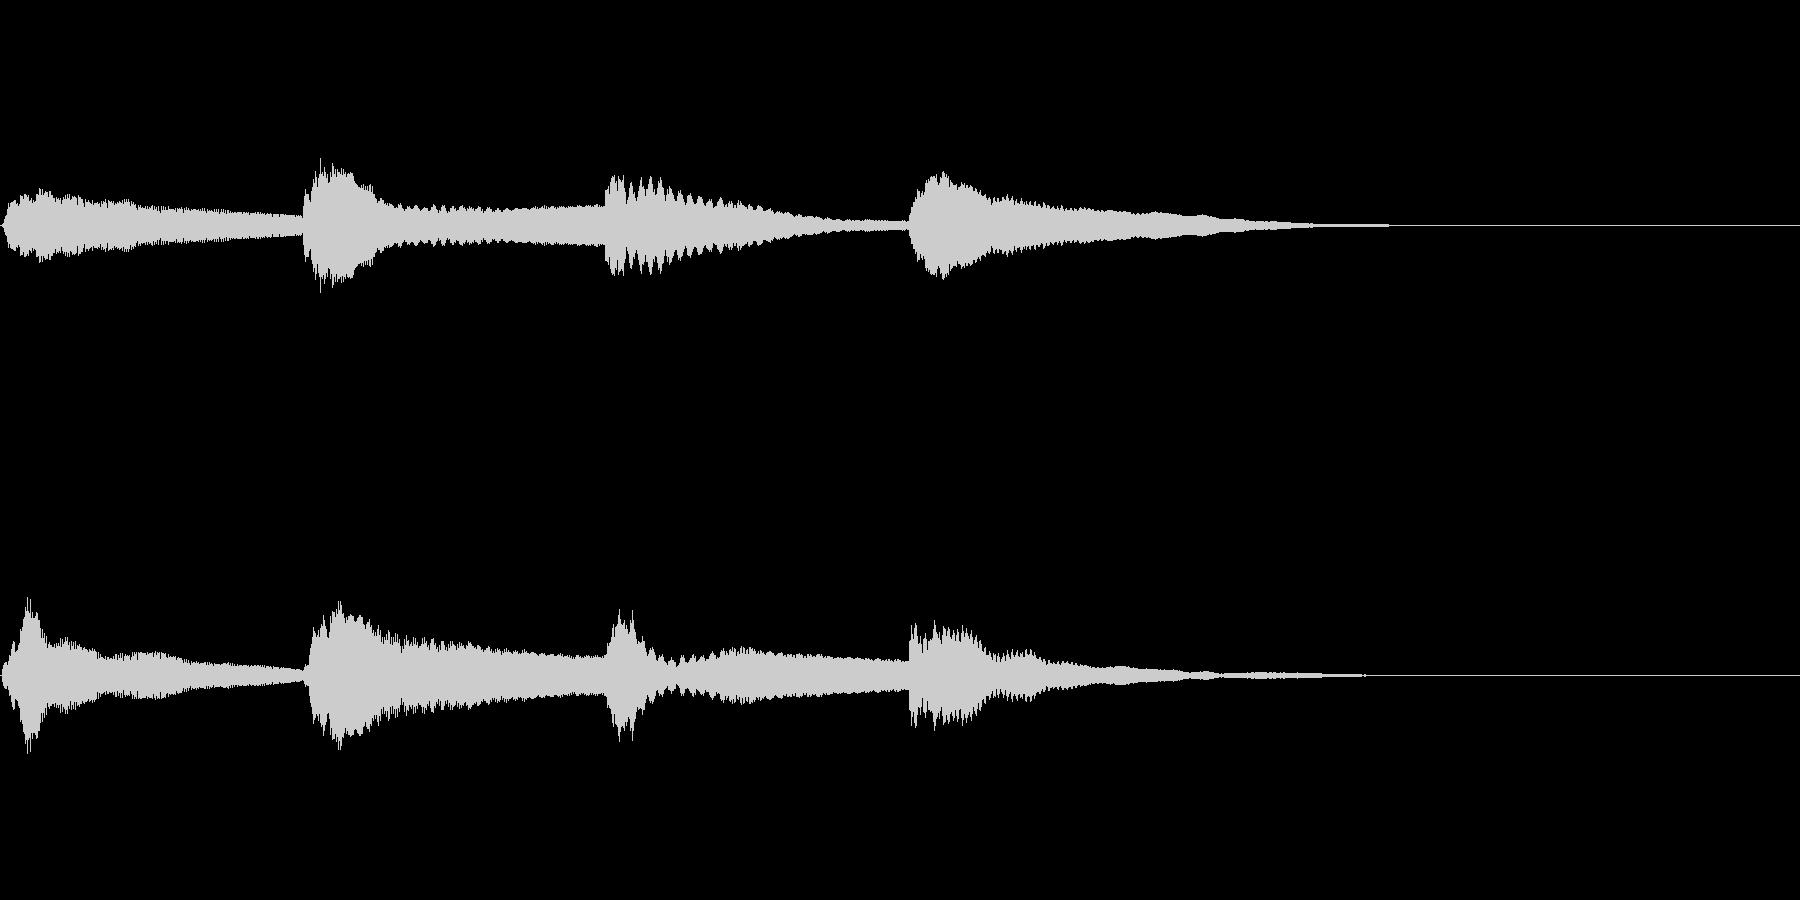 アナウンスのピンポンパンポンの音1 上昇の未再生の波形